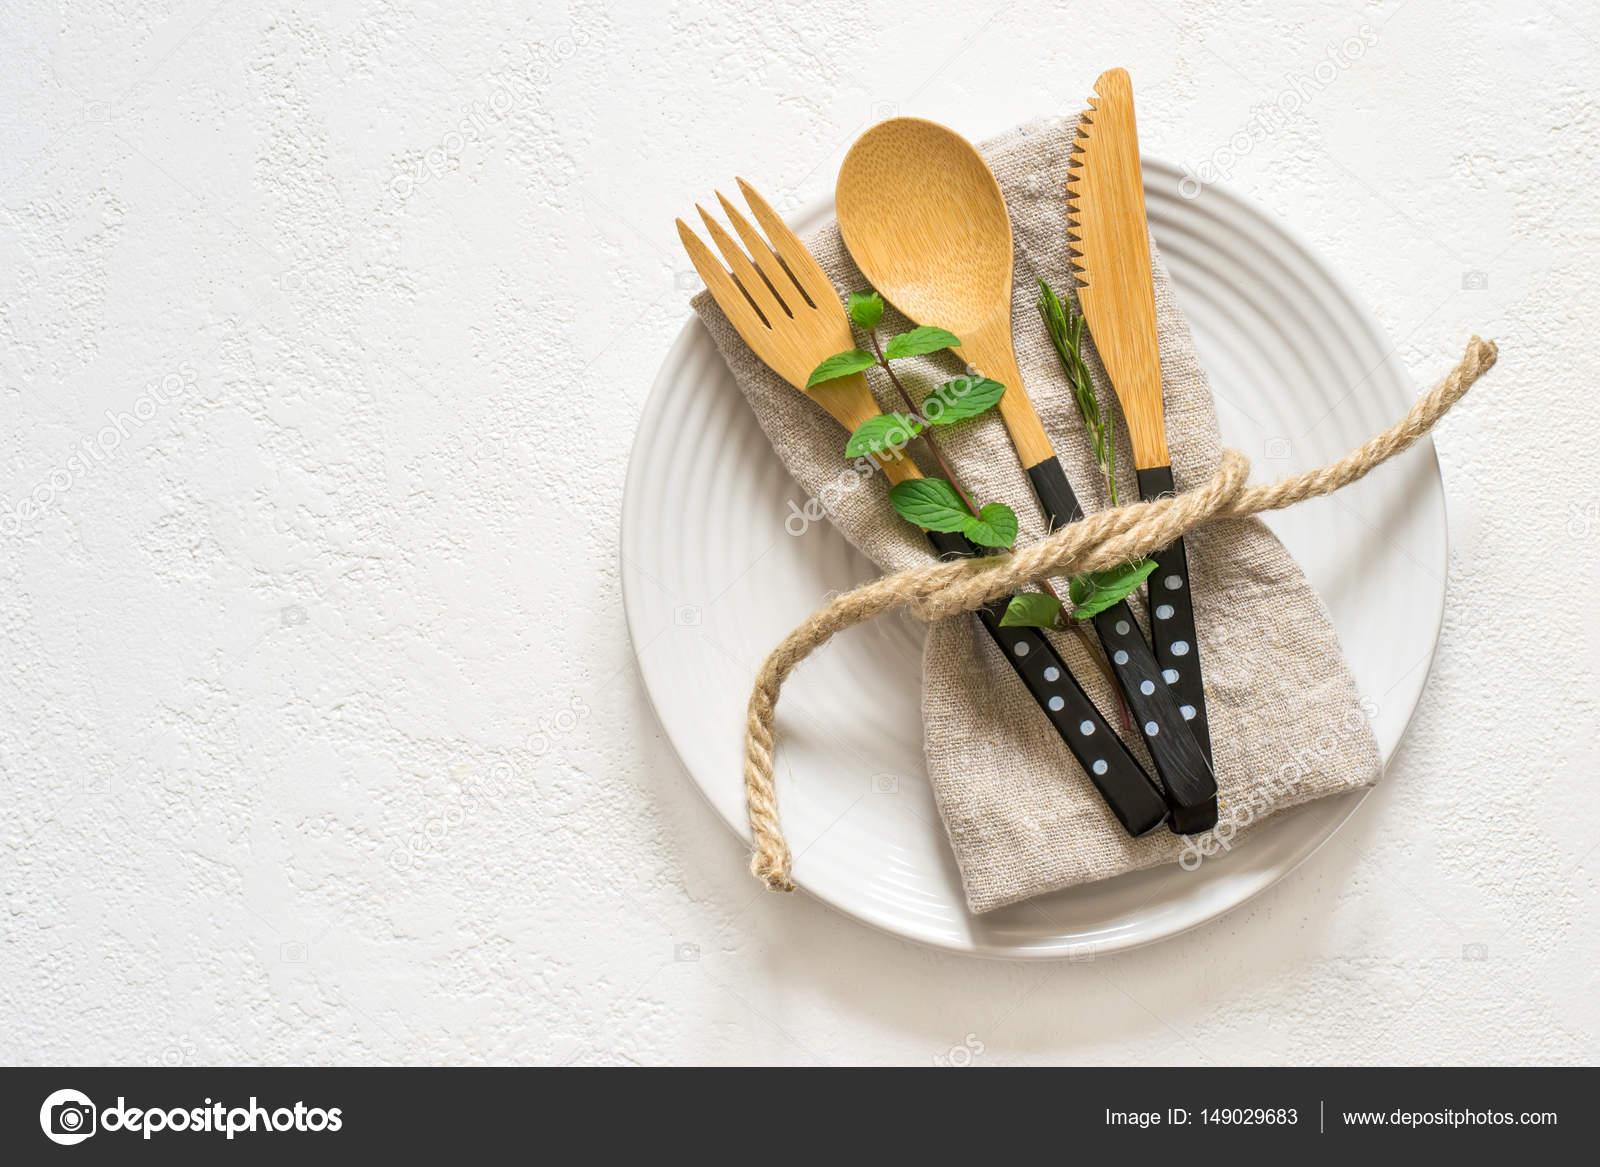 Naturliche Tischdekoration Mit Bambus Messer Gabel Und Loffel